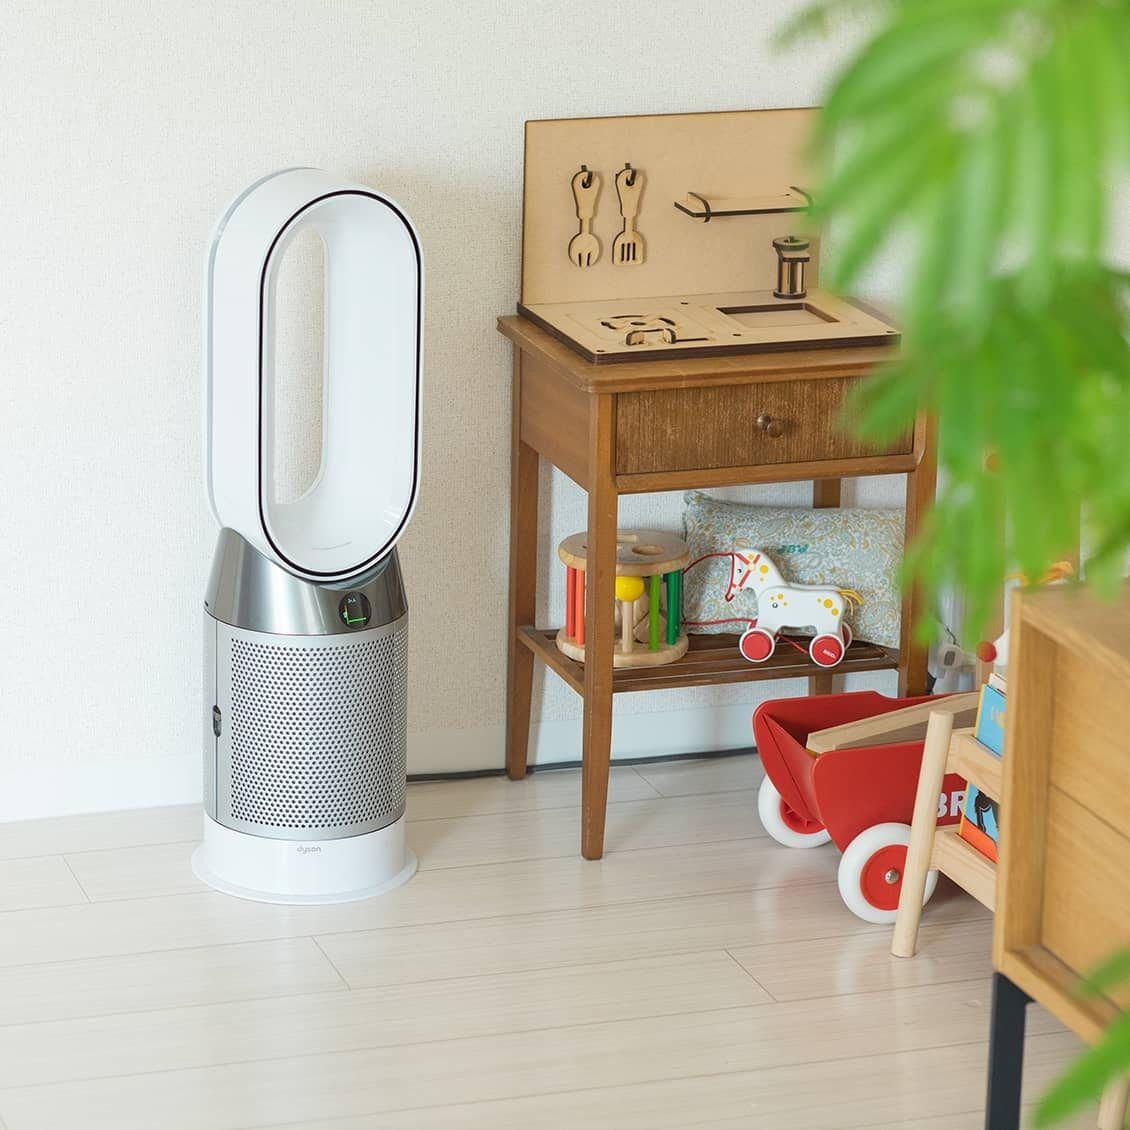 真夏もエアコンいらず 部屋中涼しく 空気までキレイになる一台三役の家電って 2020 ダイソン 扇風機 ダイソン 空気清浄機